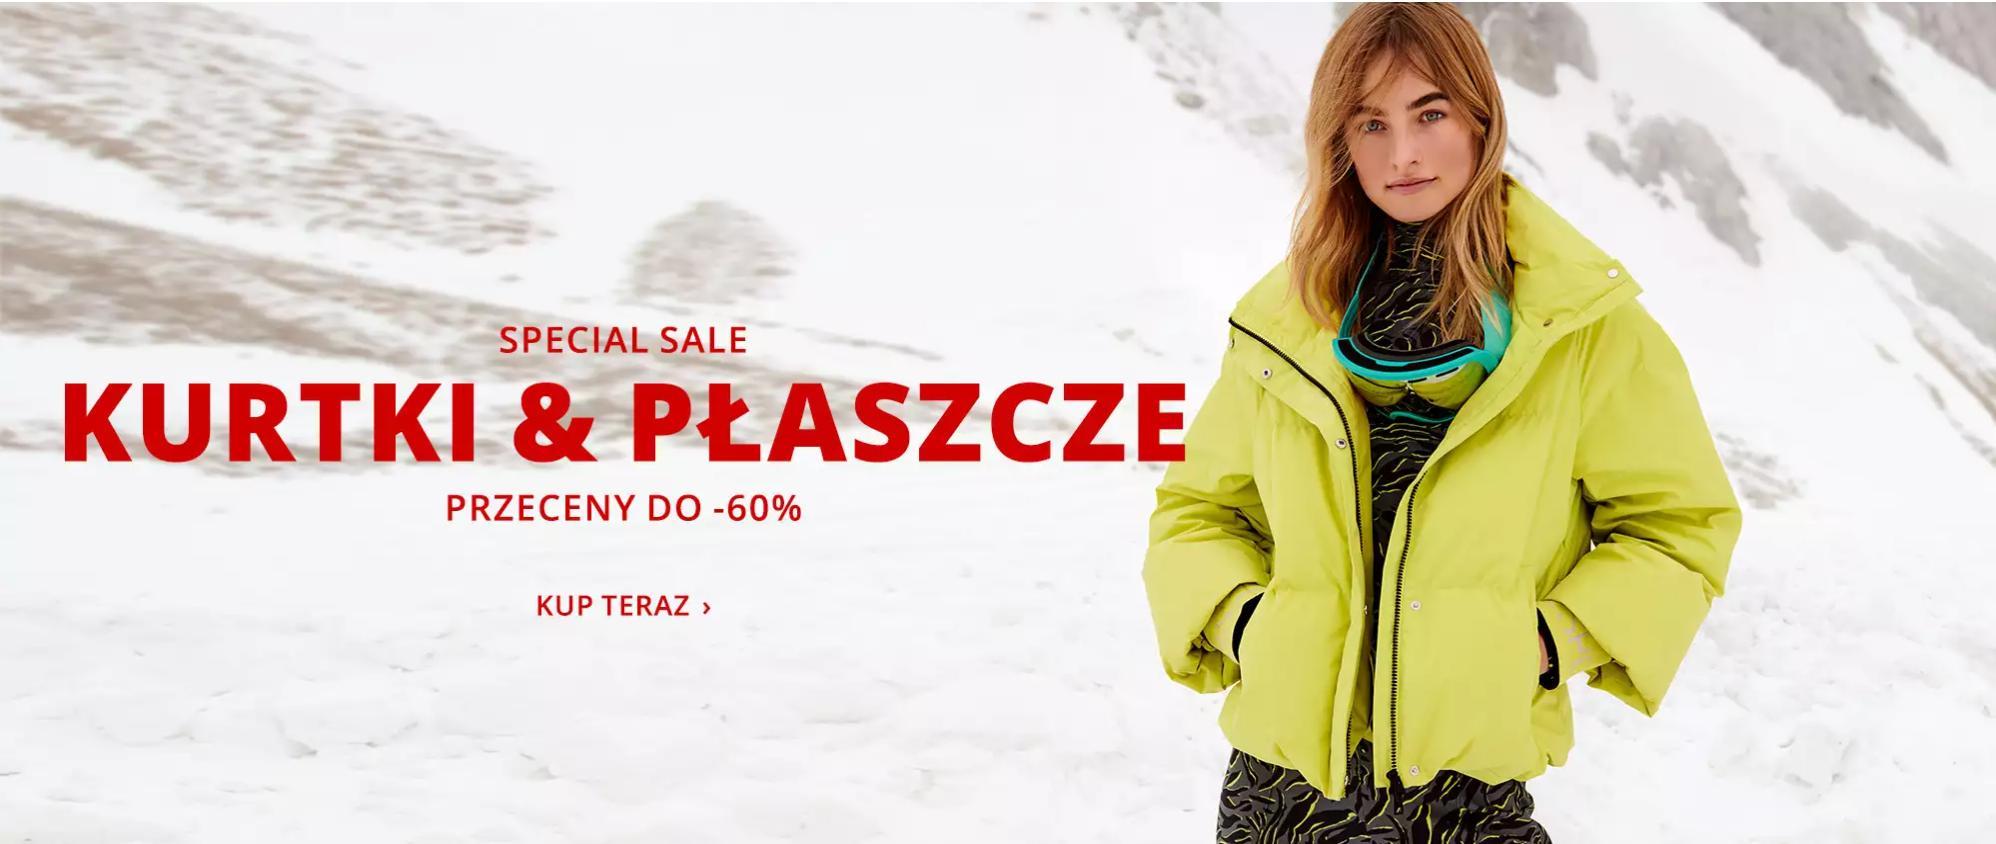 Peek & Cloppenburg: wyprzedaż do 60% zniżki na kurtki i płaszcze damskie i męskie